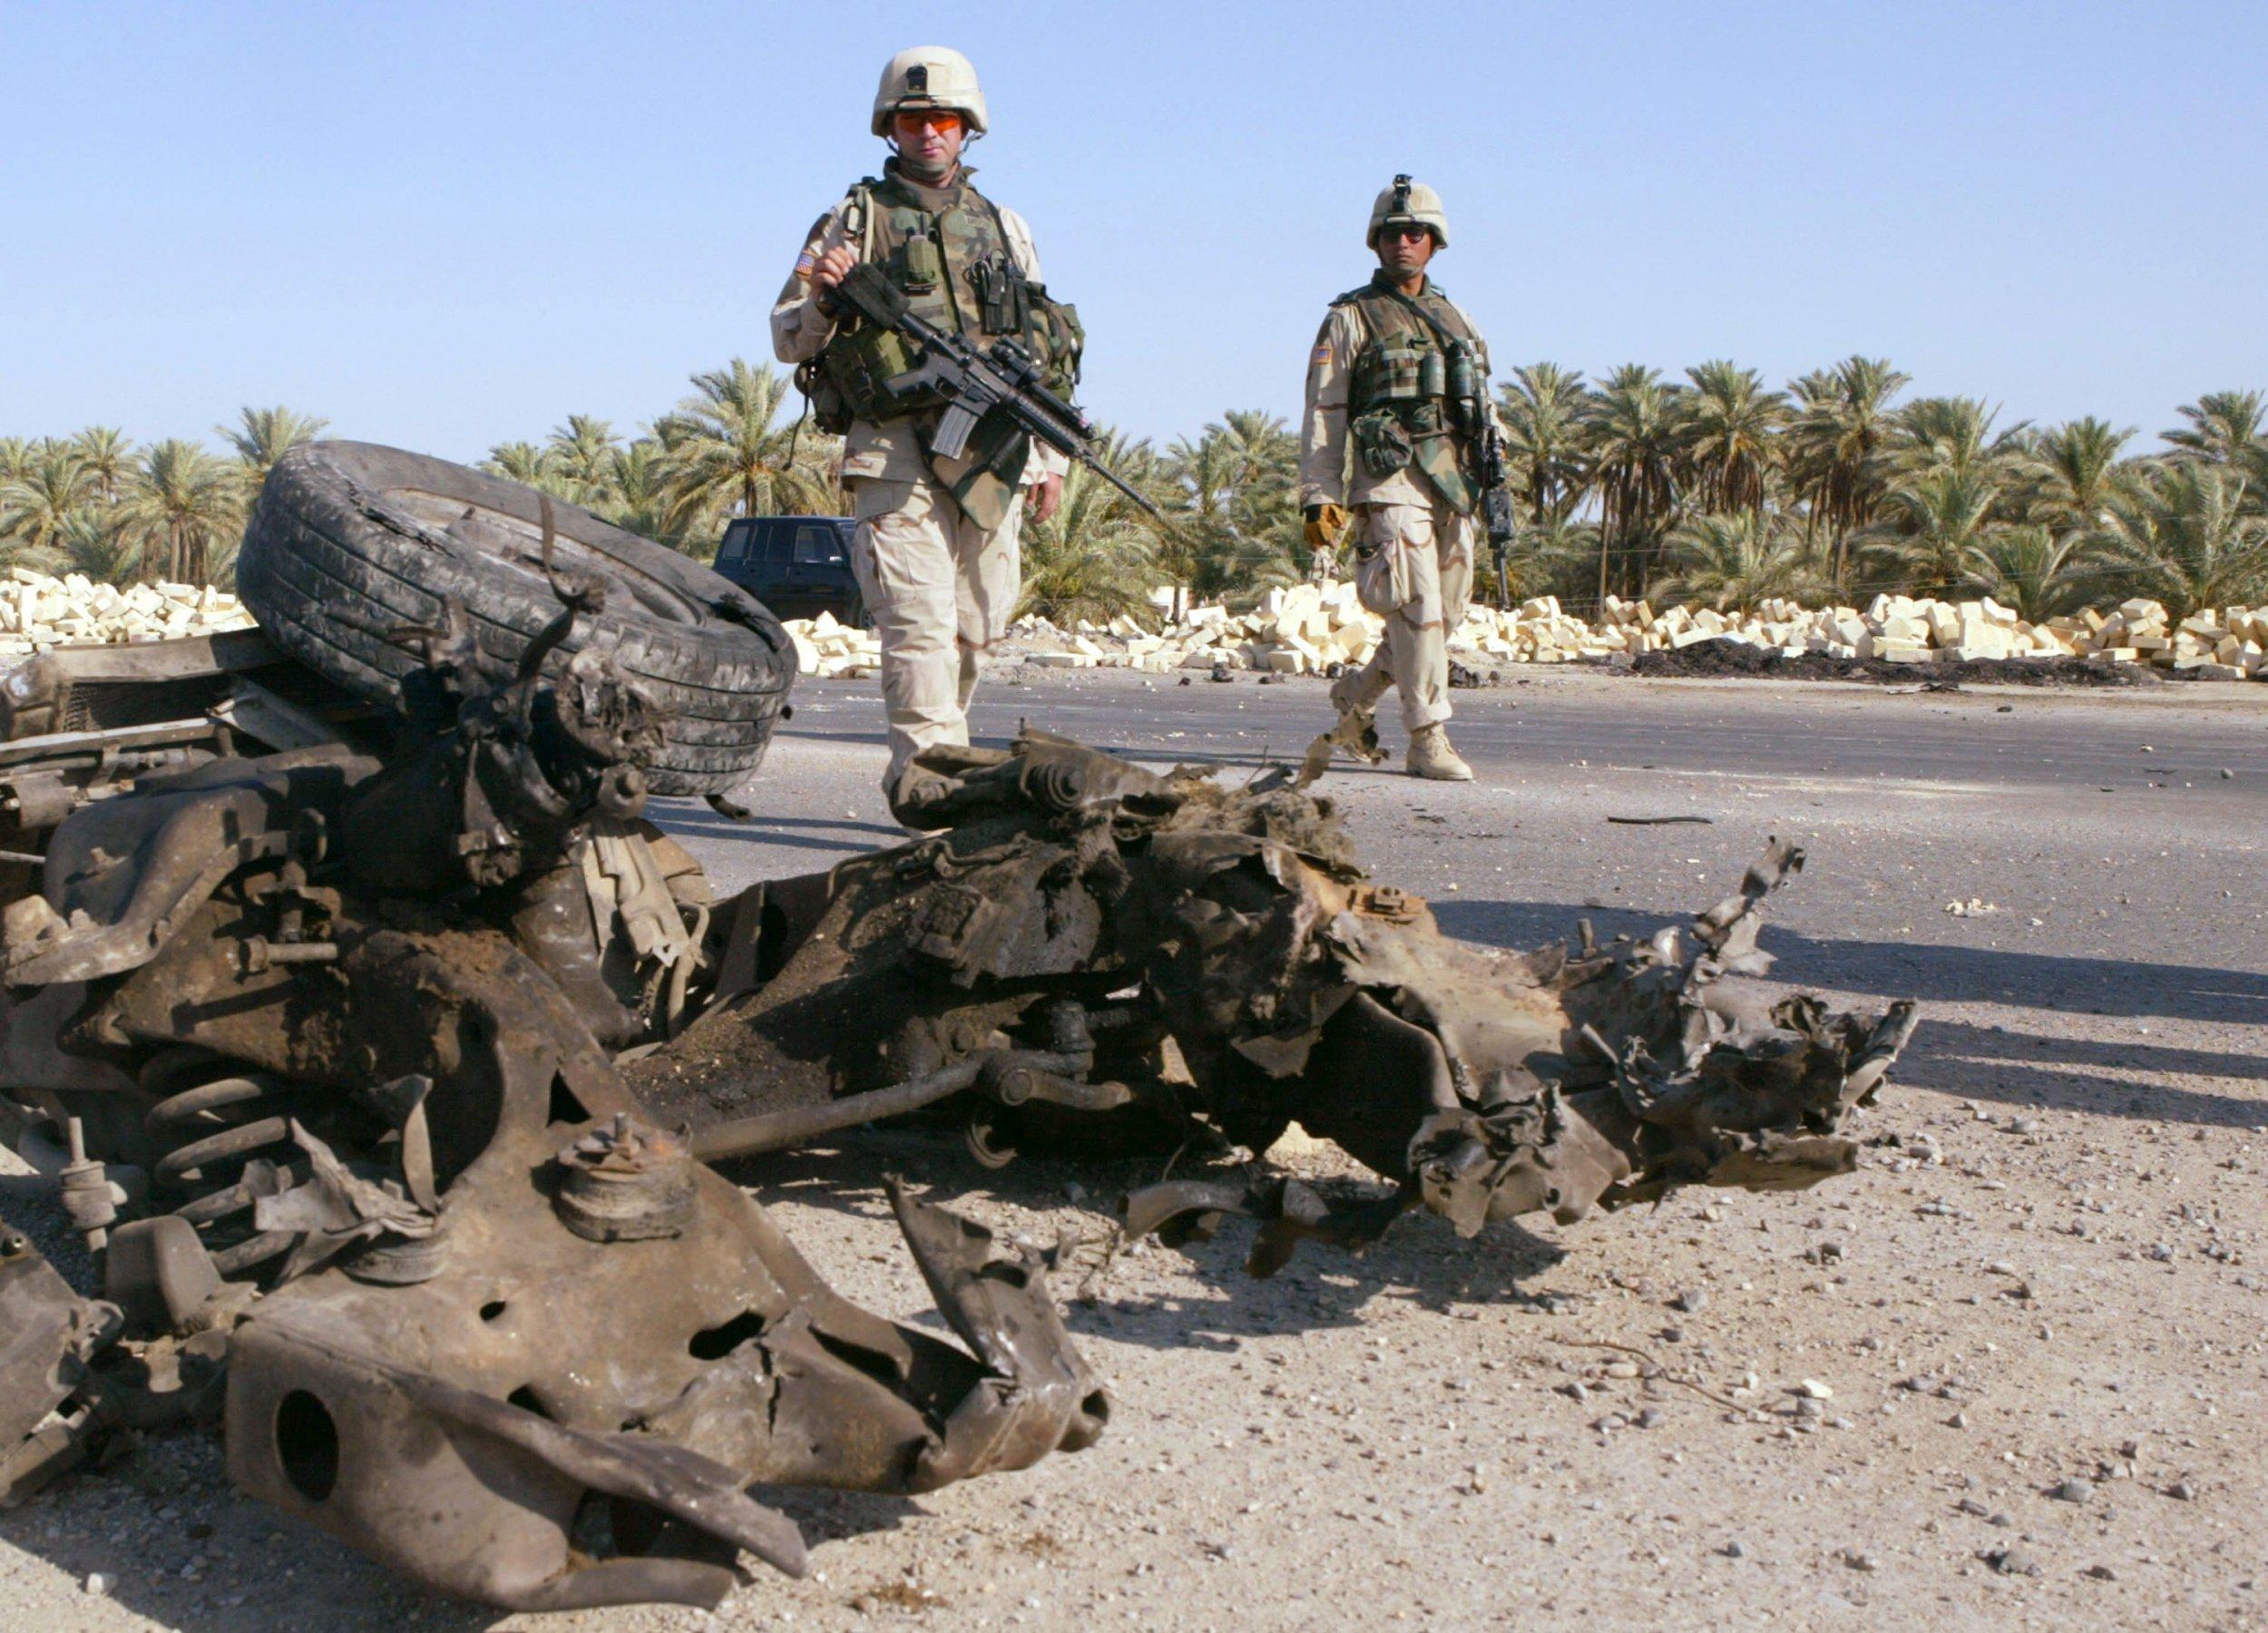 Iran Iraq War US troops killed